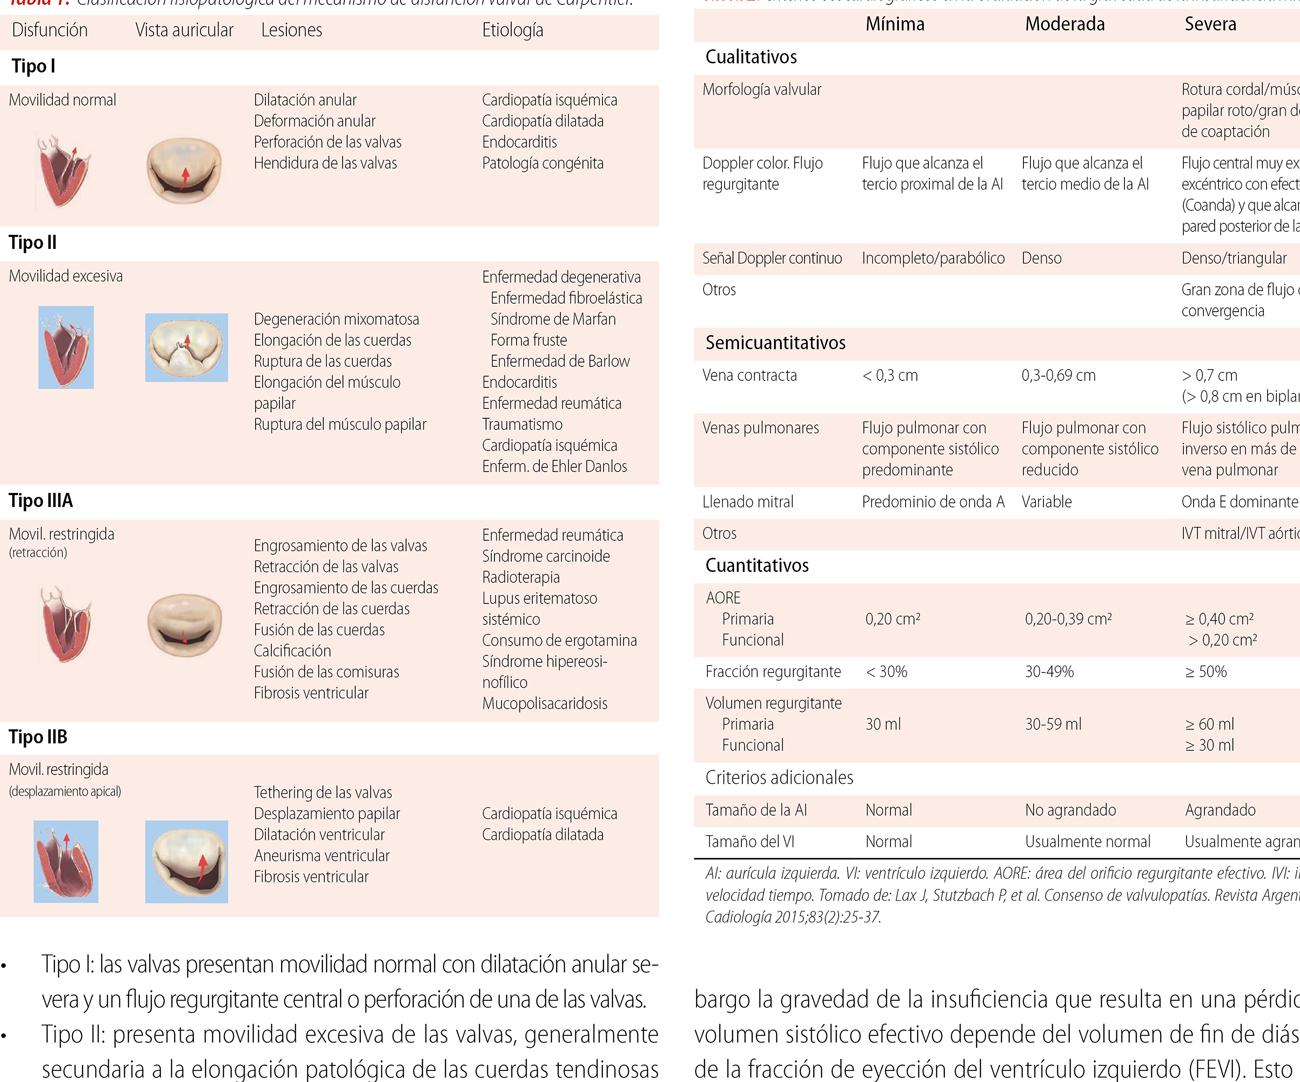 Utilidad clínica del MitraClip® en pacientes portadores de insuficiencia mitral severa funcional con fracción de eyección deteriorada